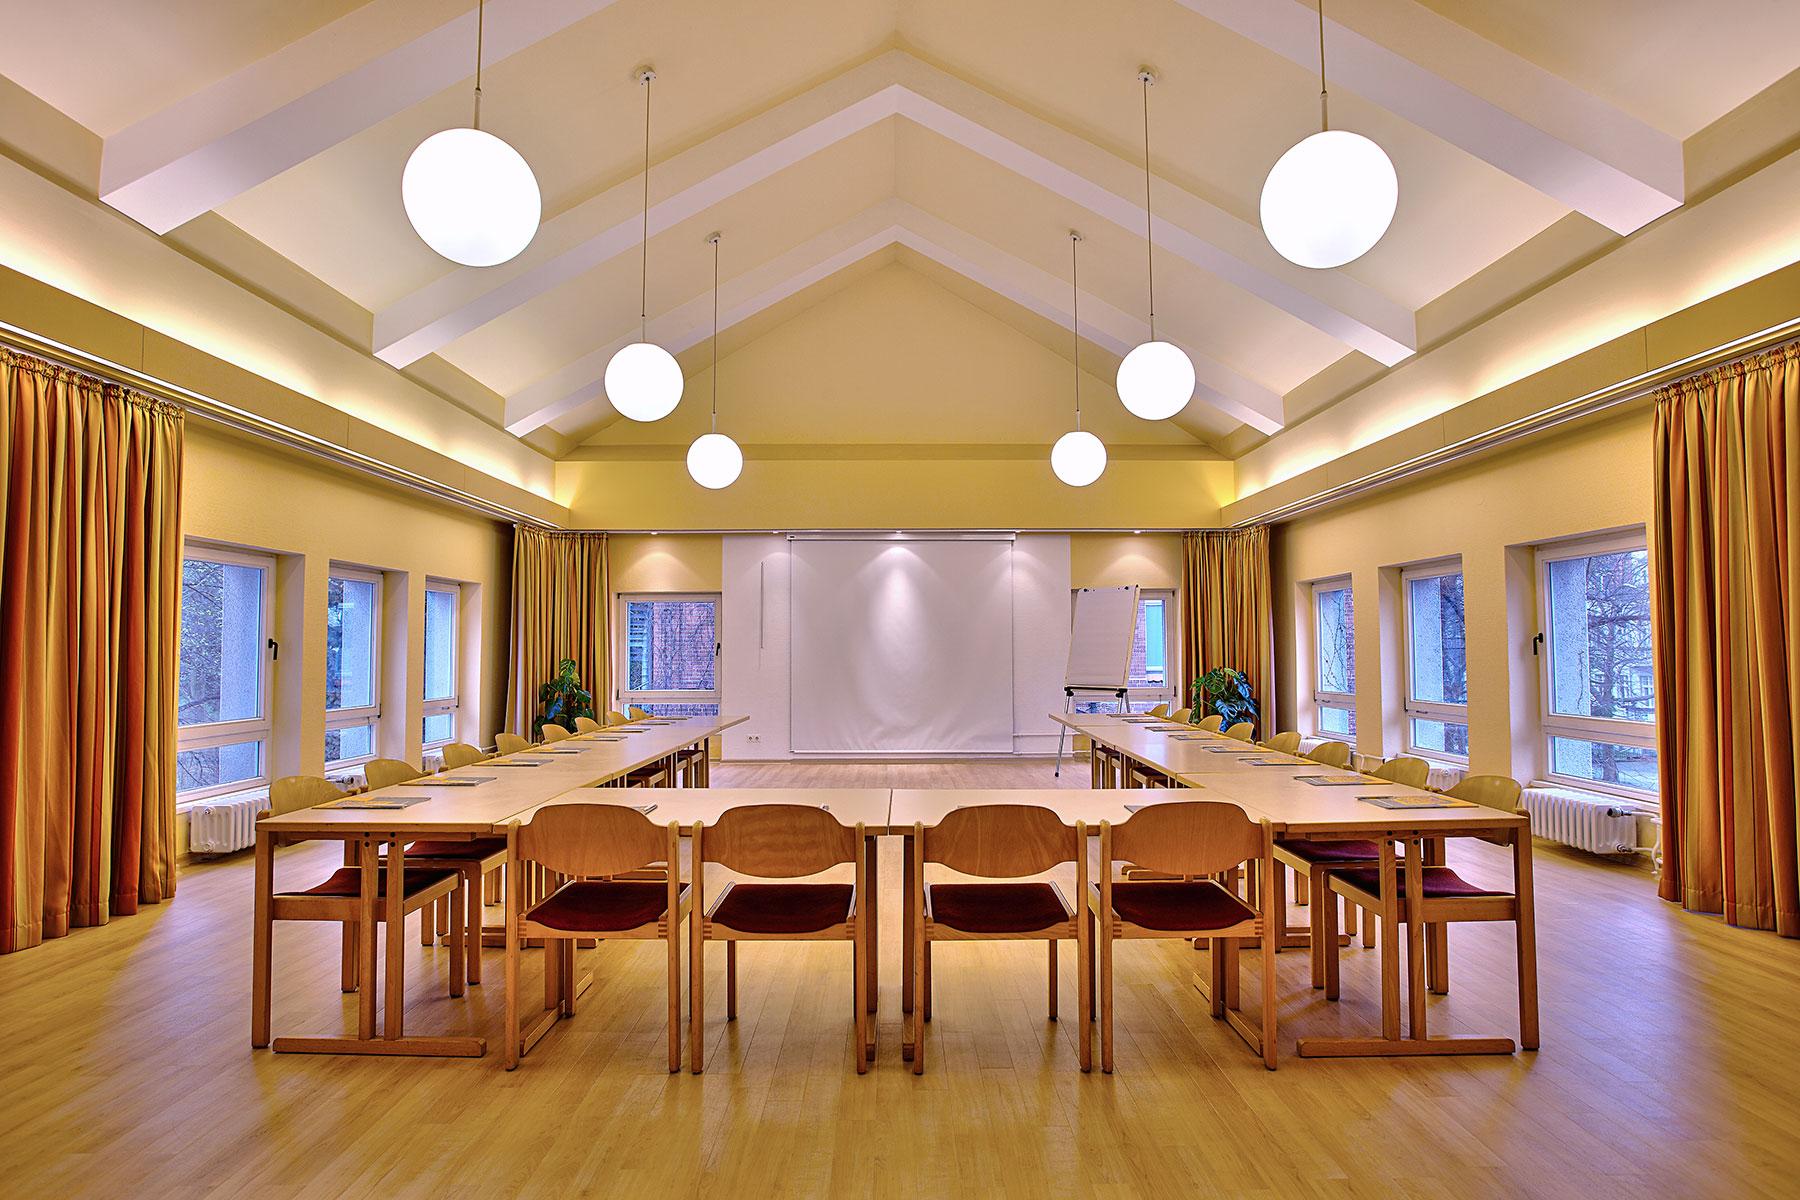 Konferenzraum - Tagungsanfrage